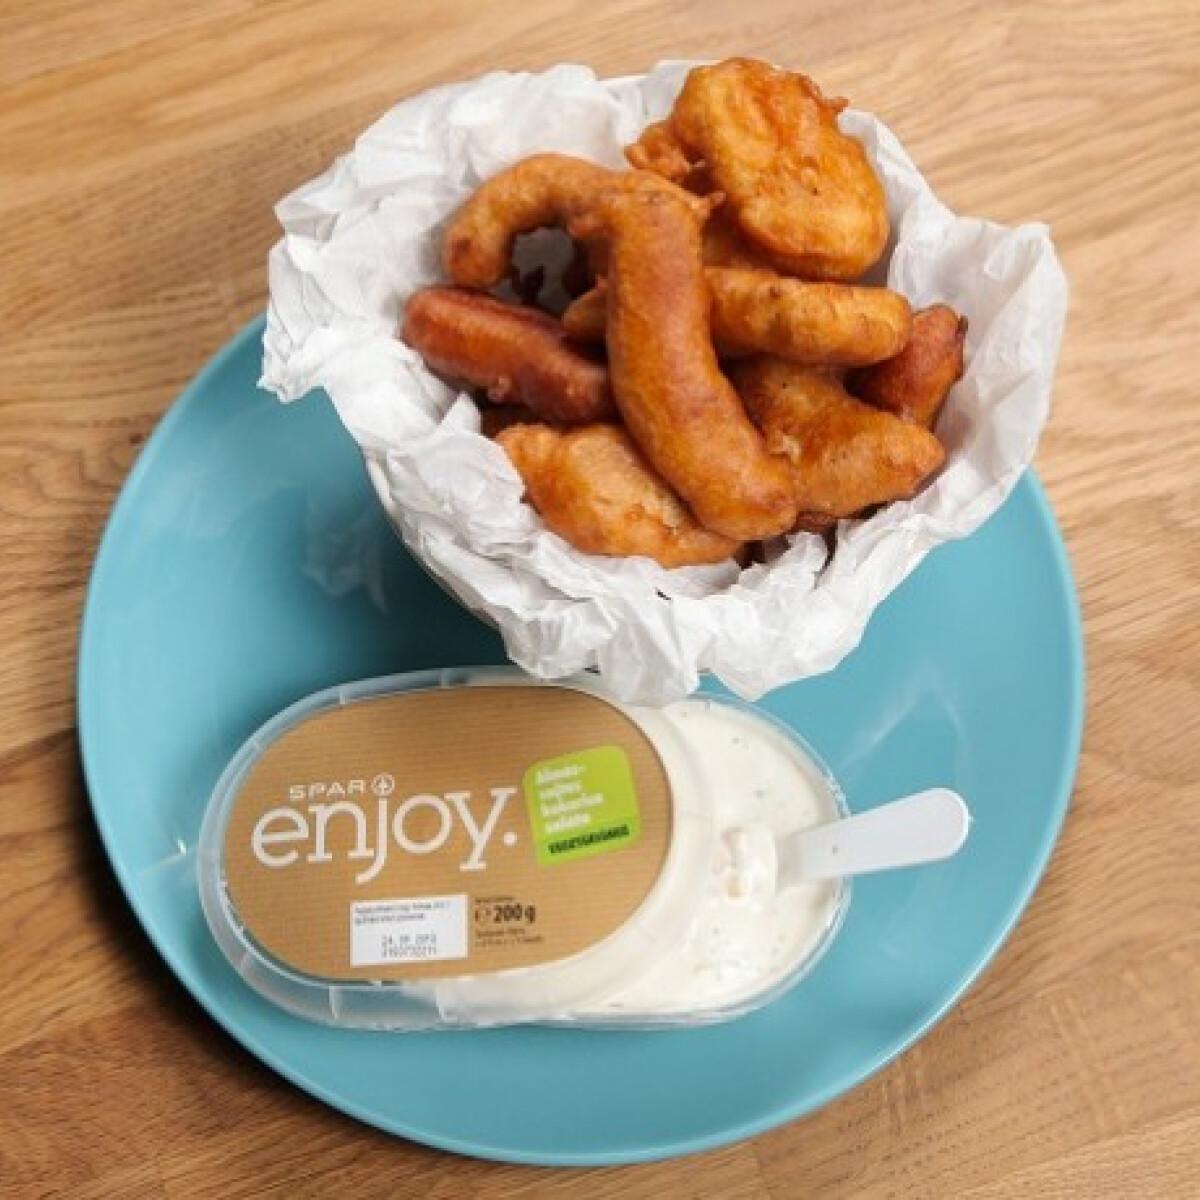 Ezen a képen: Sörtésztás pulykamell SPAR enjoy. almás-sajtos kukoricasalátával